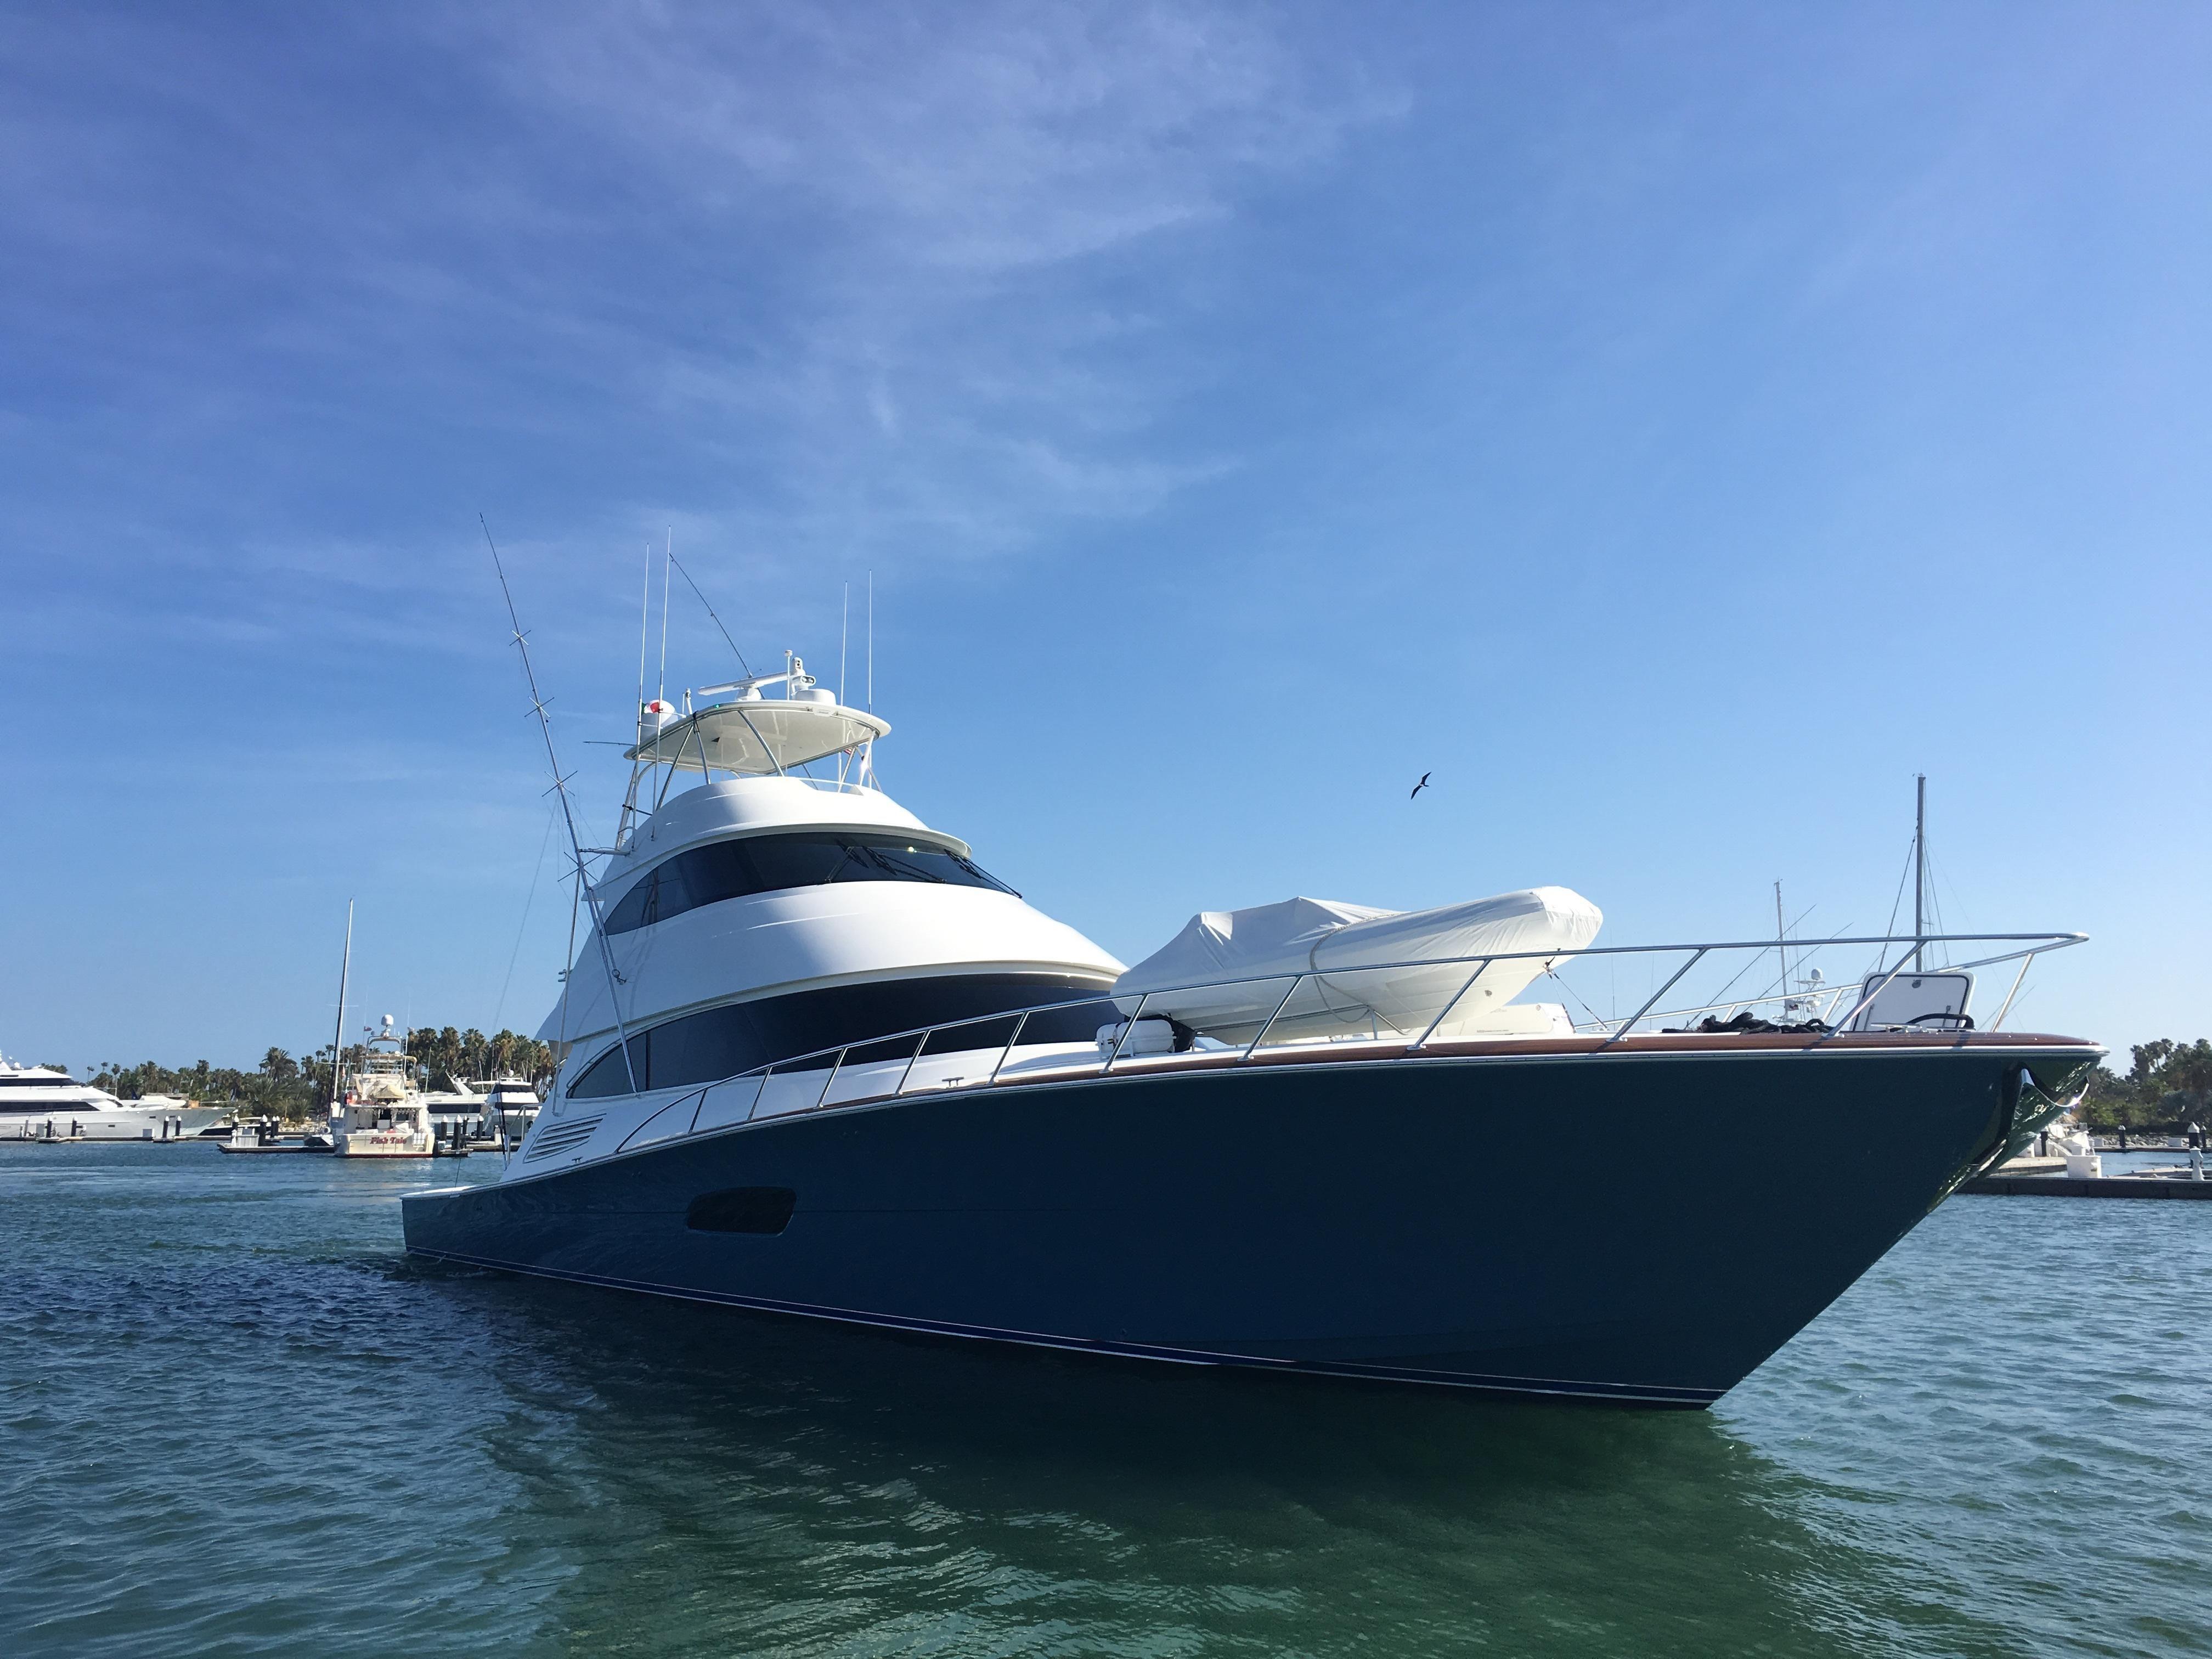 2016 viking 92 39 skybridge power boat for sale www for Viking sport fish